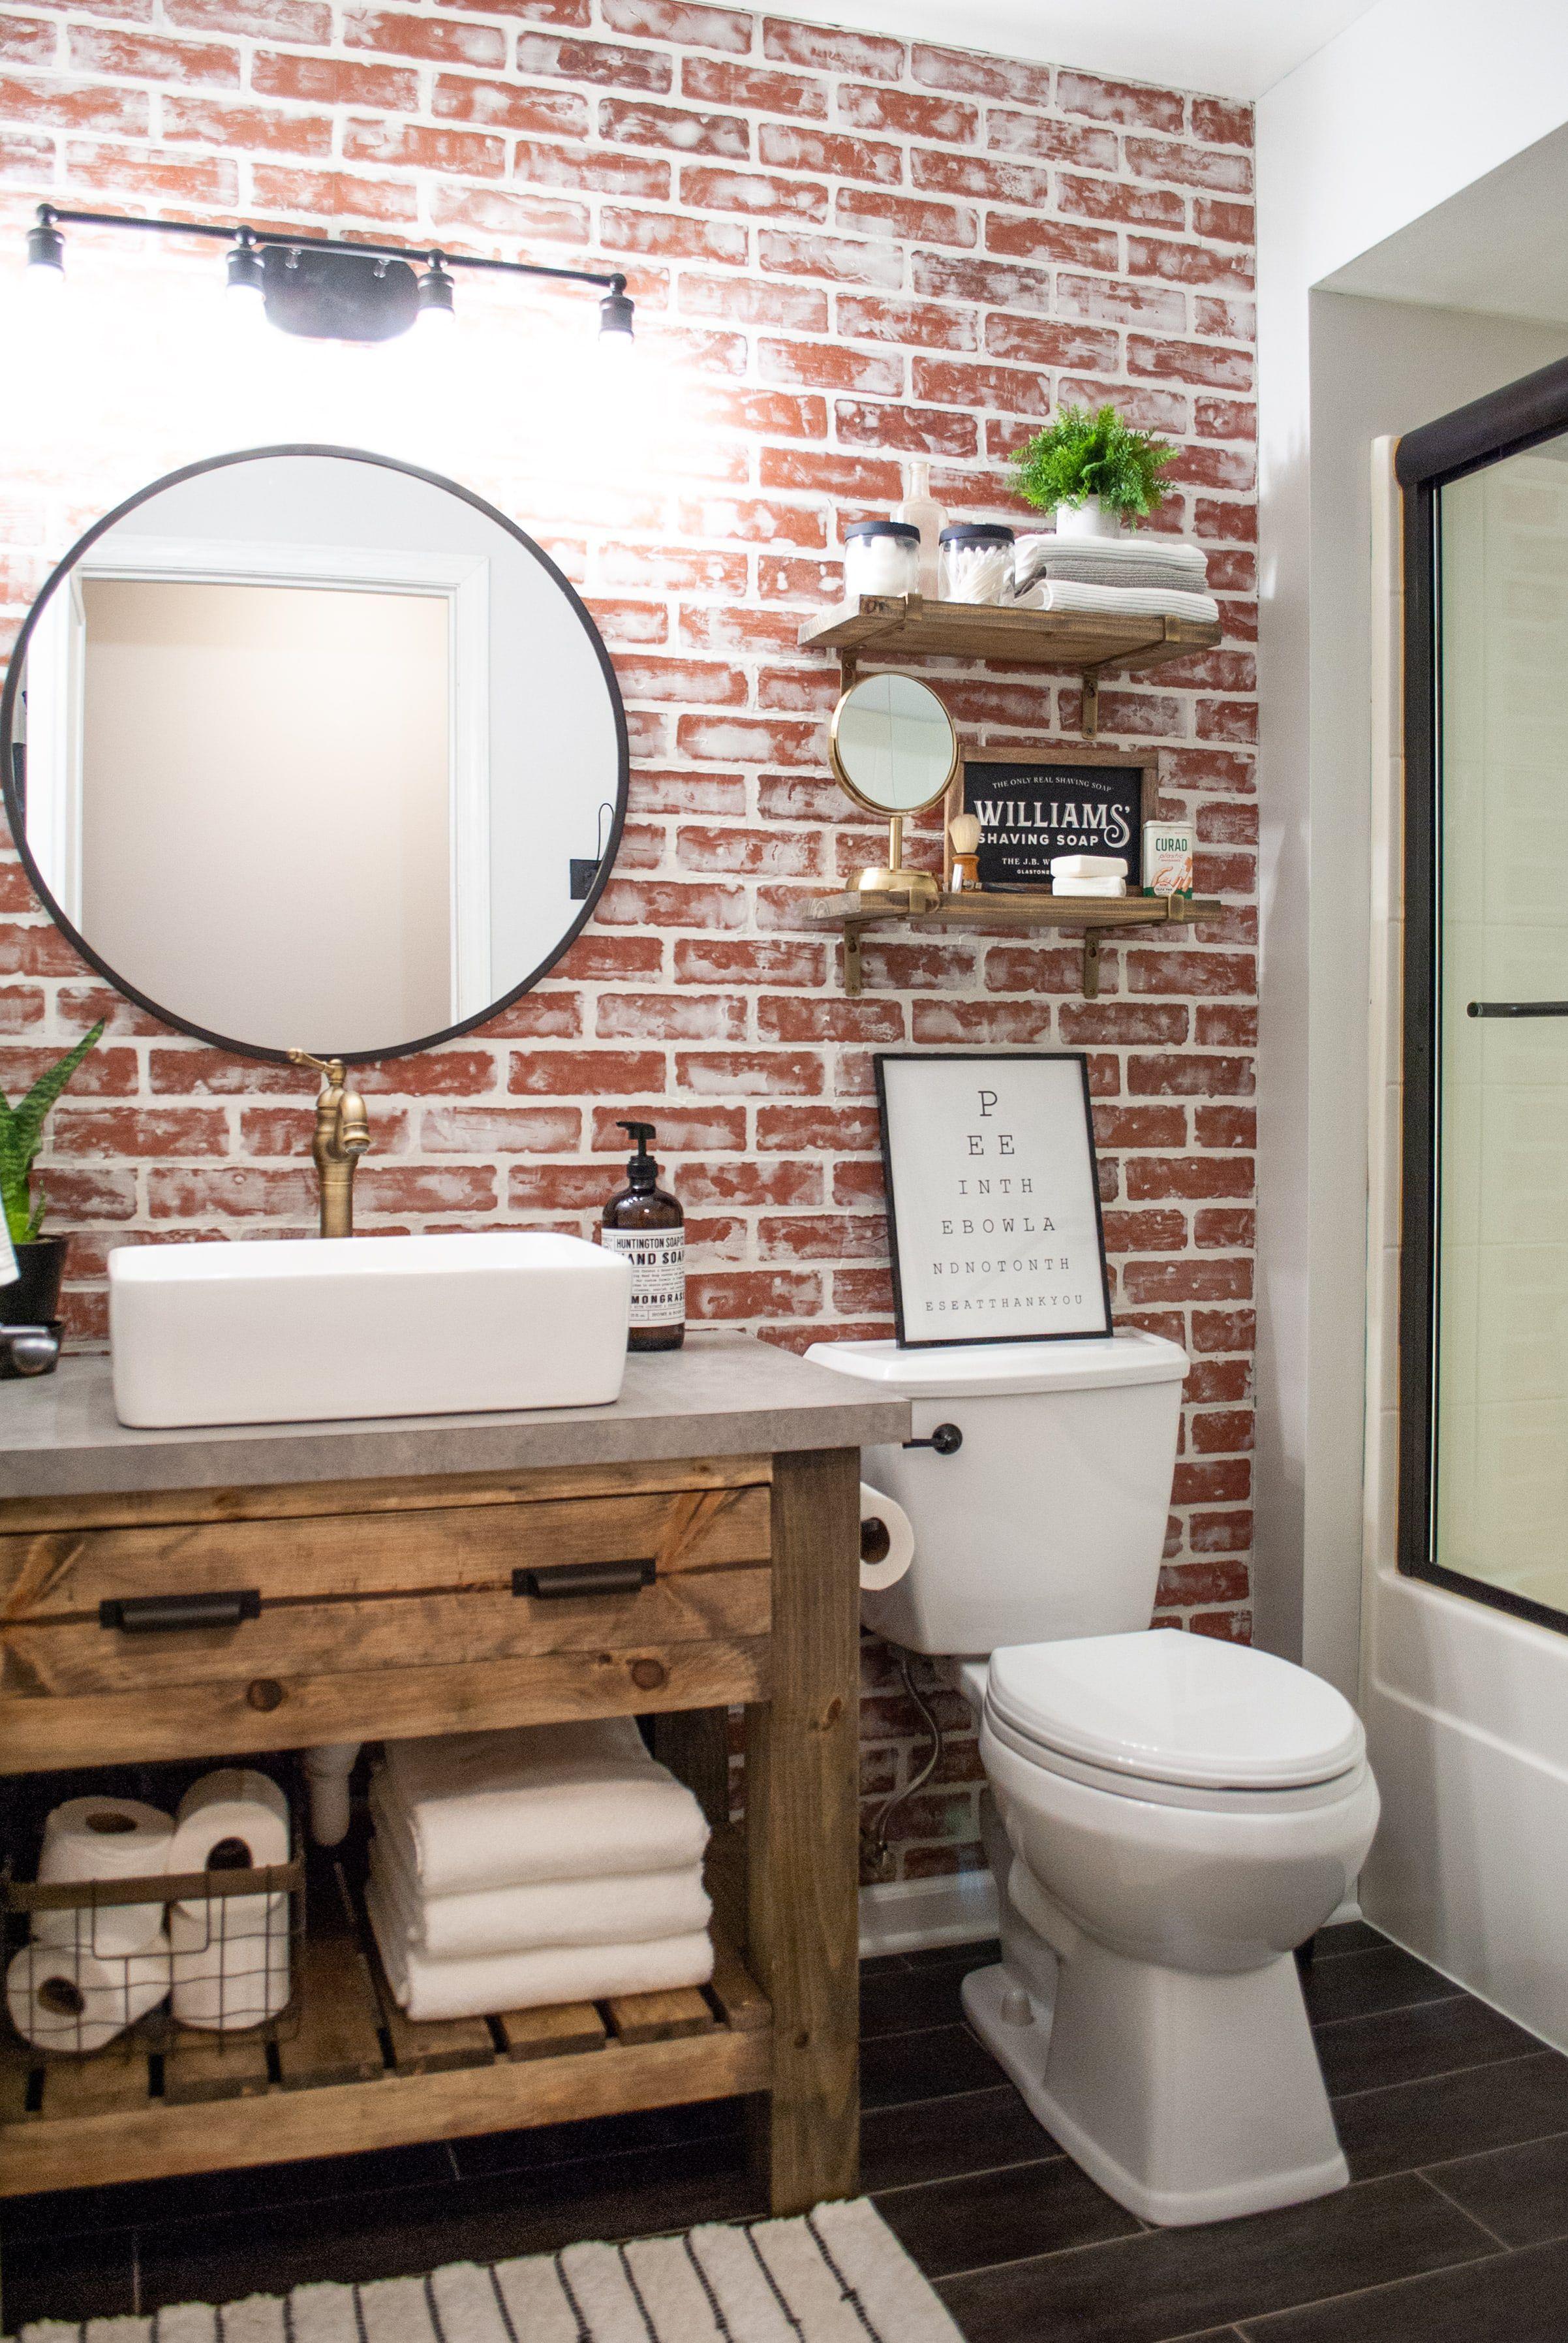 Diy Faux Brick Wall Sammy On State Diy Faux Brick Wall Brick Bathroom Faux Brick Walls